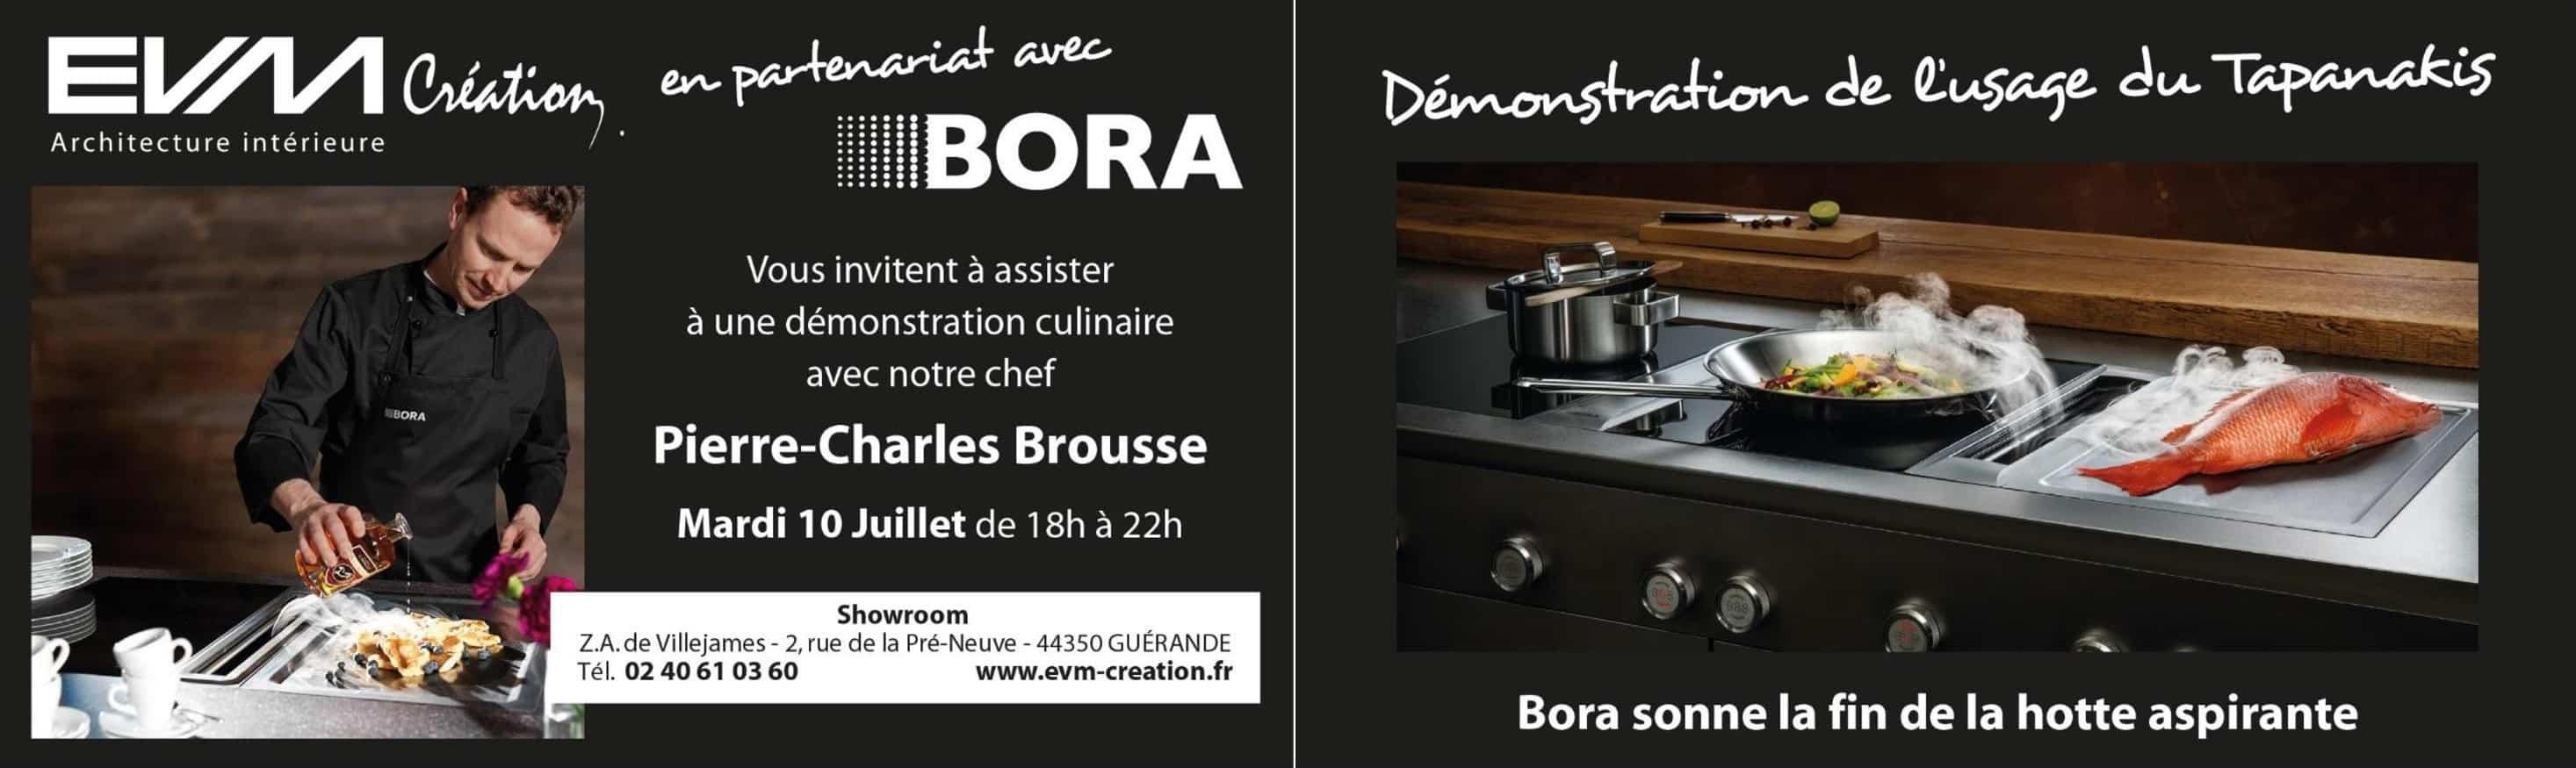 carton d'invitation à une dégustation culinaire à Guérande